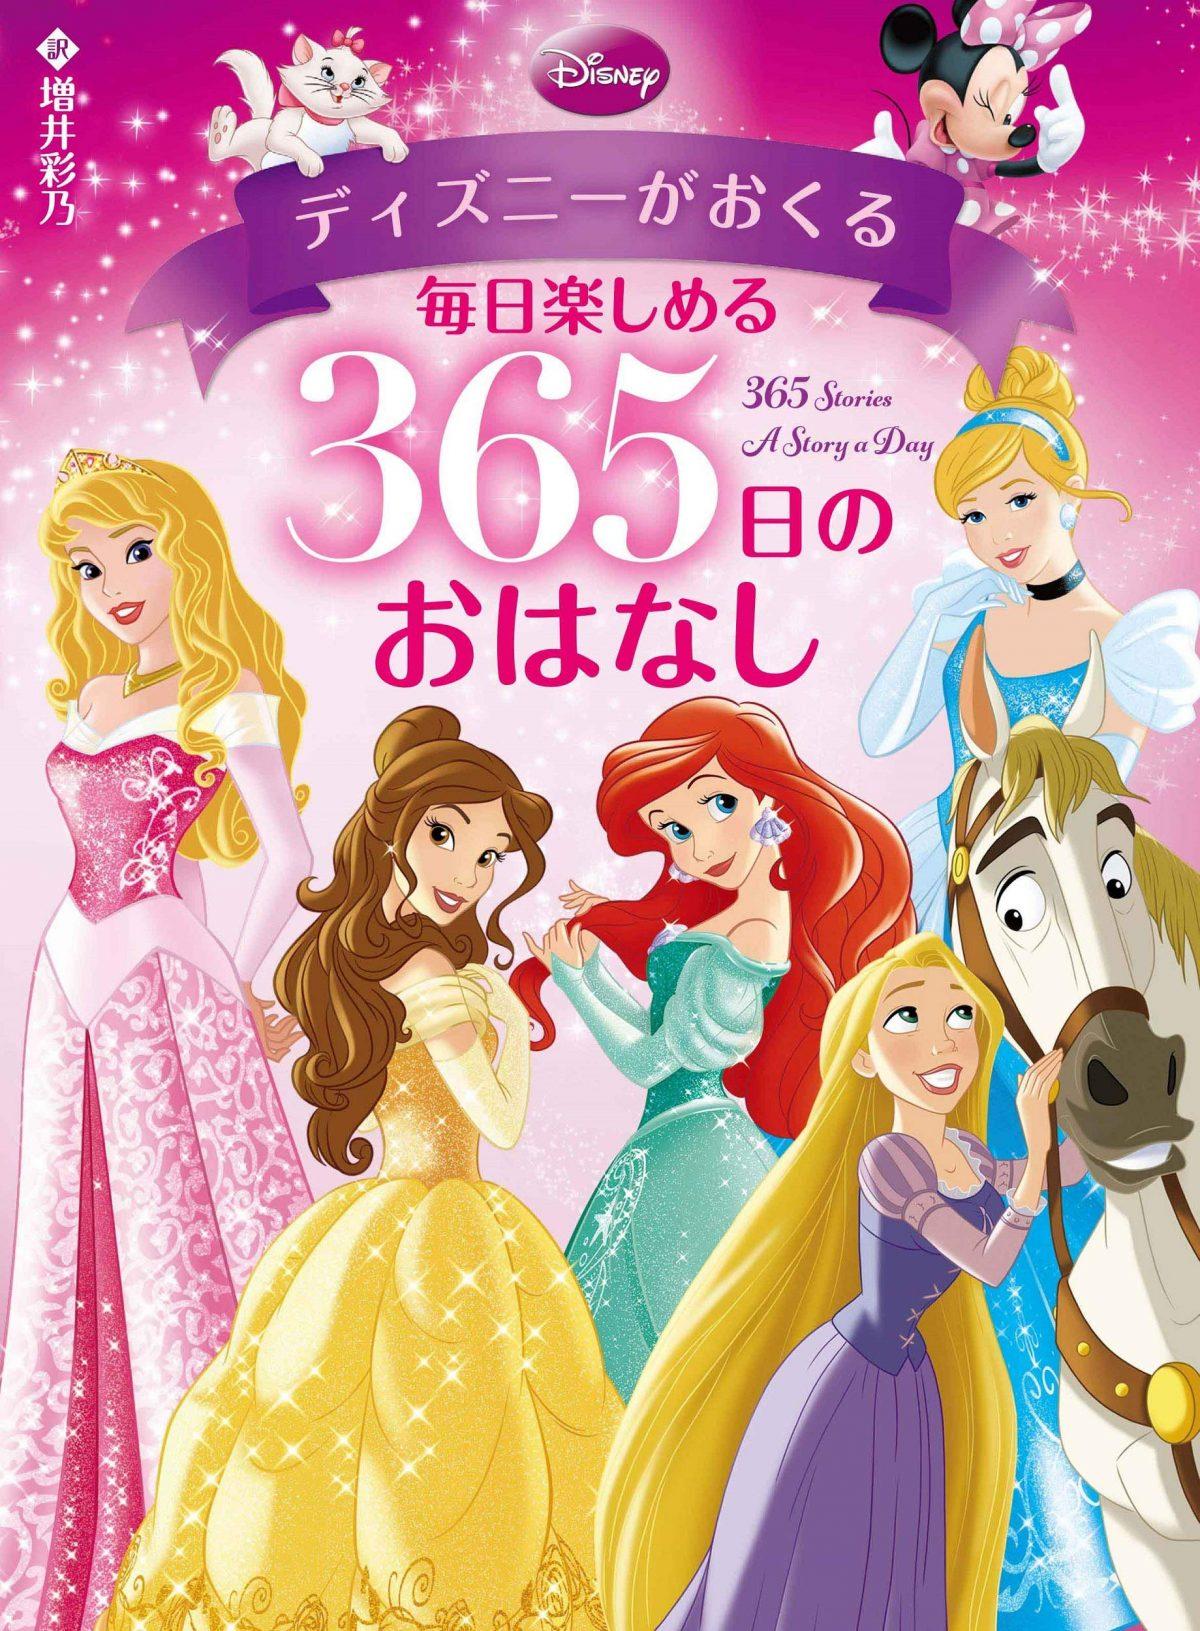 絵本「ディズニーがおくる 毎日楽しめる 365日のおはなし」の表紙